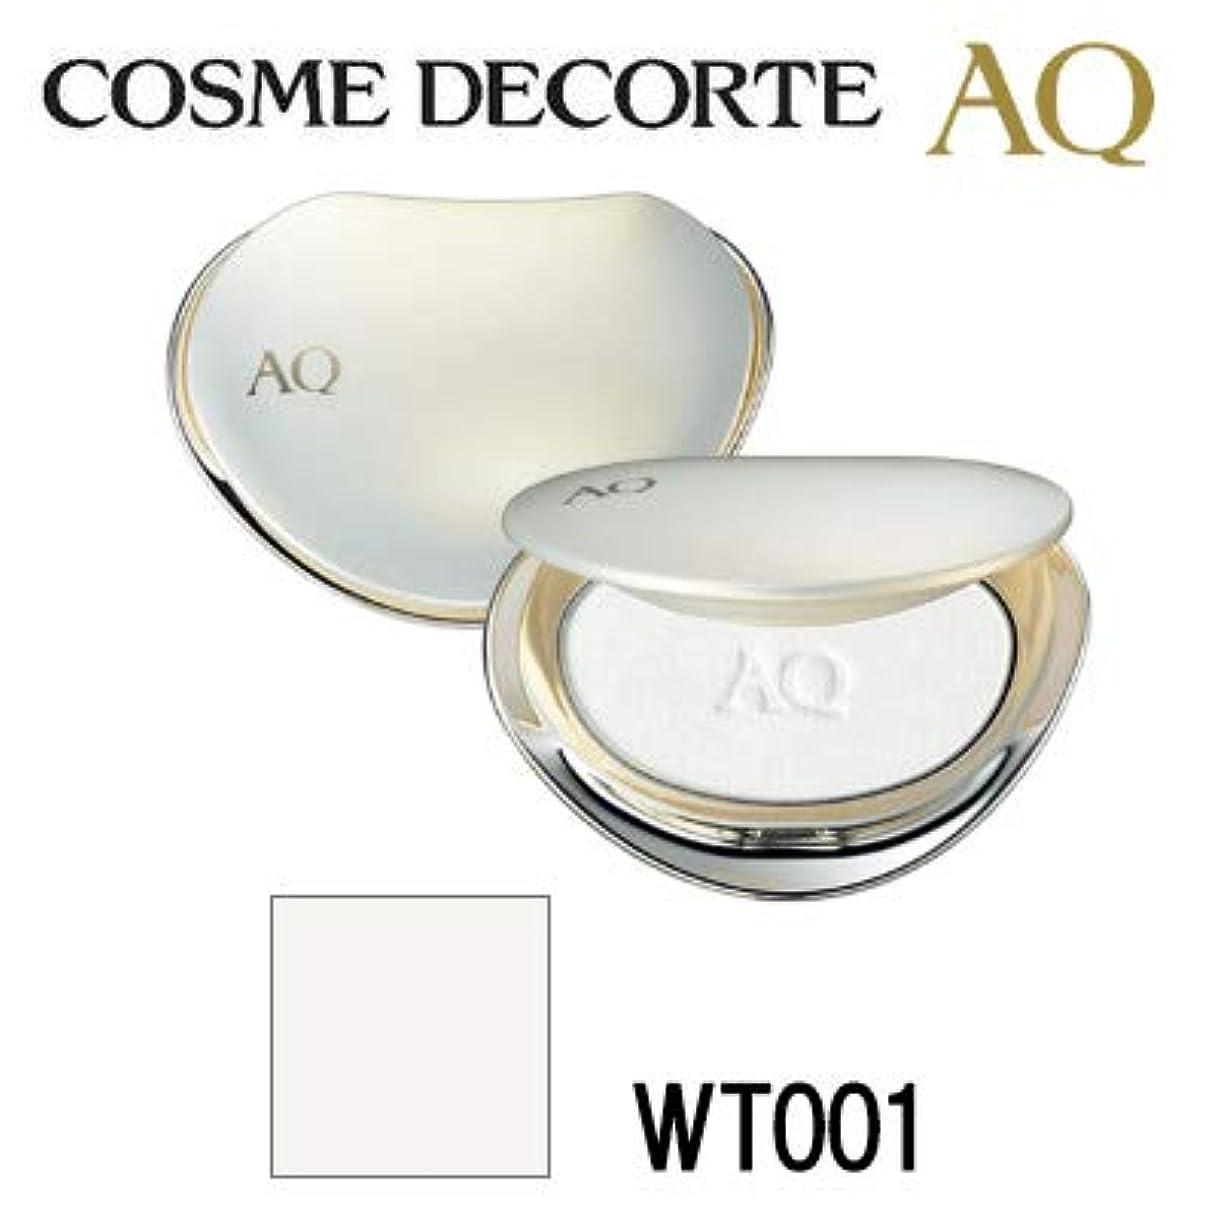 ライム浴室投げ捨てるコスメデコルテ AQ ライトフォーカス<WT001>